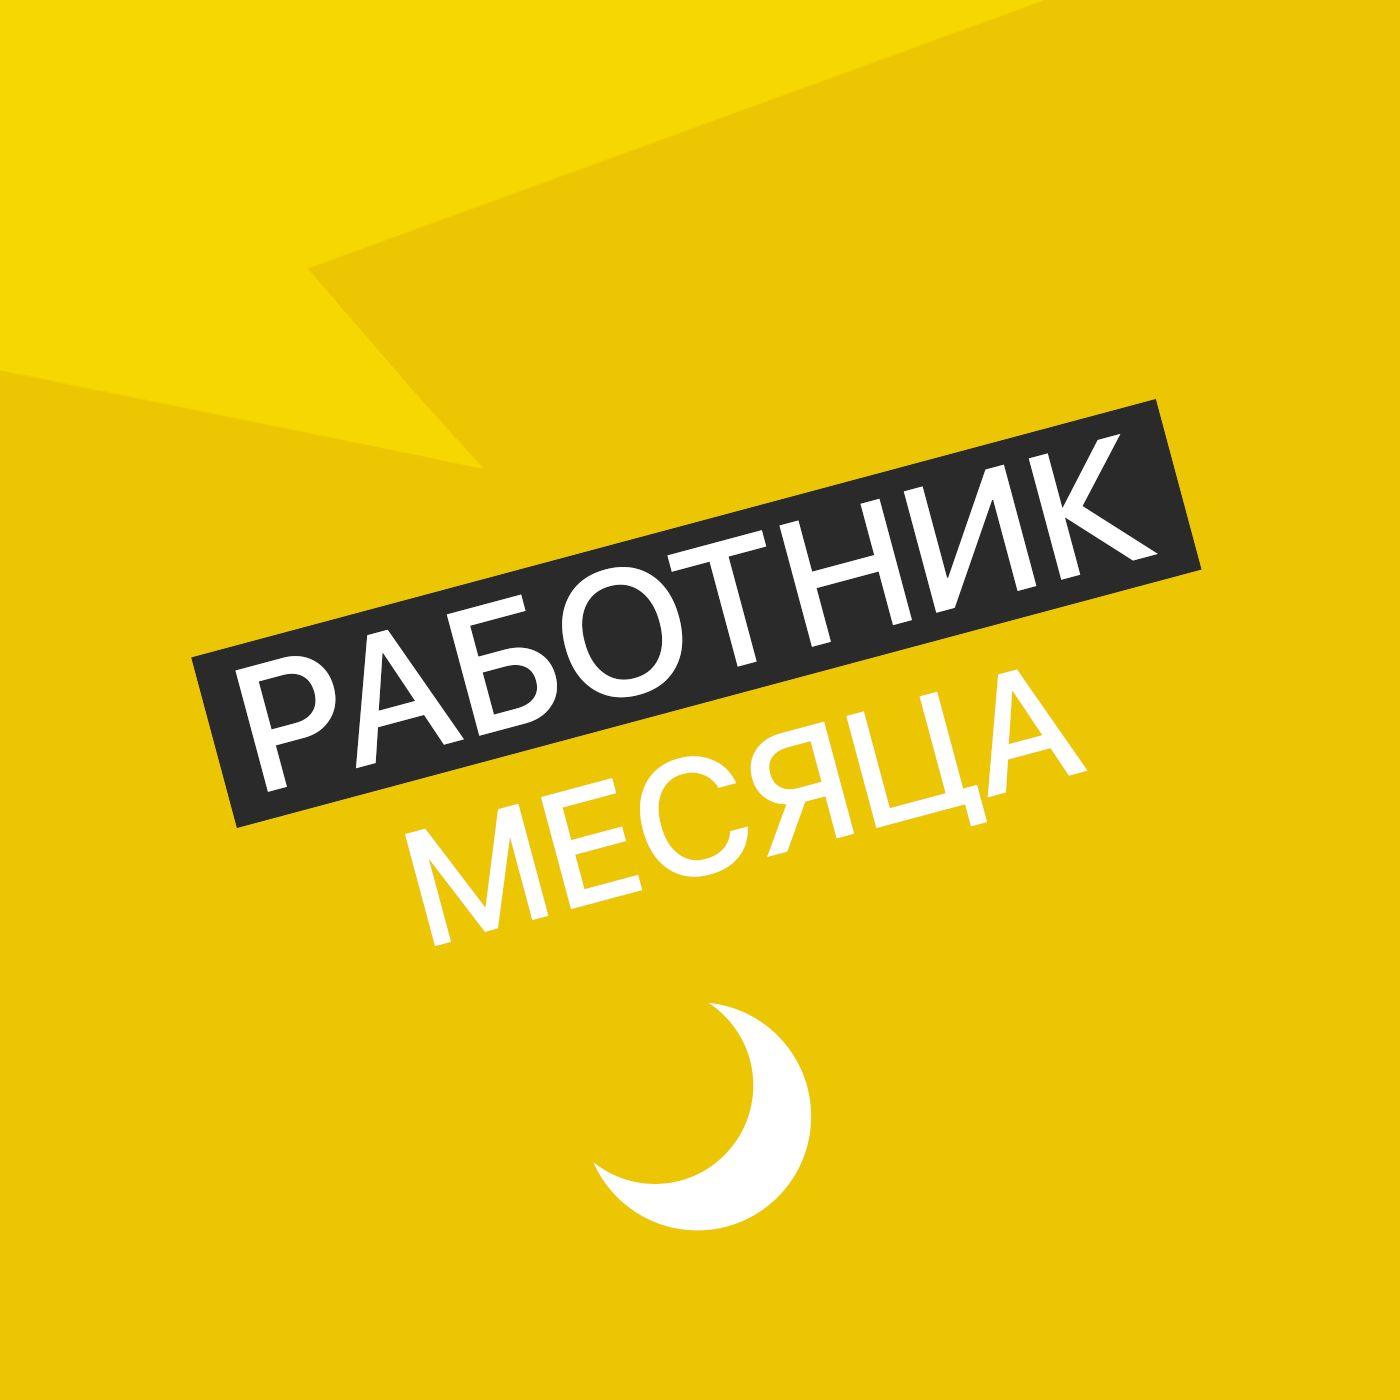 Творческий коллектив Mojomedia Артдиректор бара